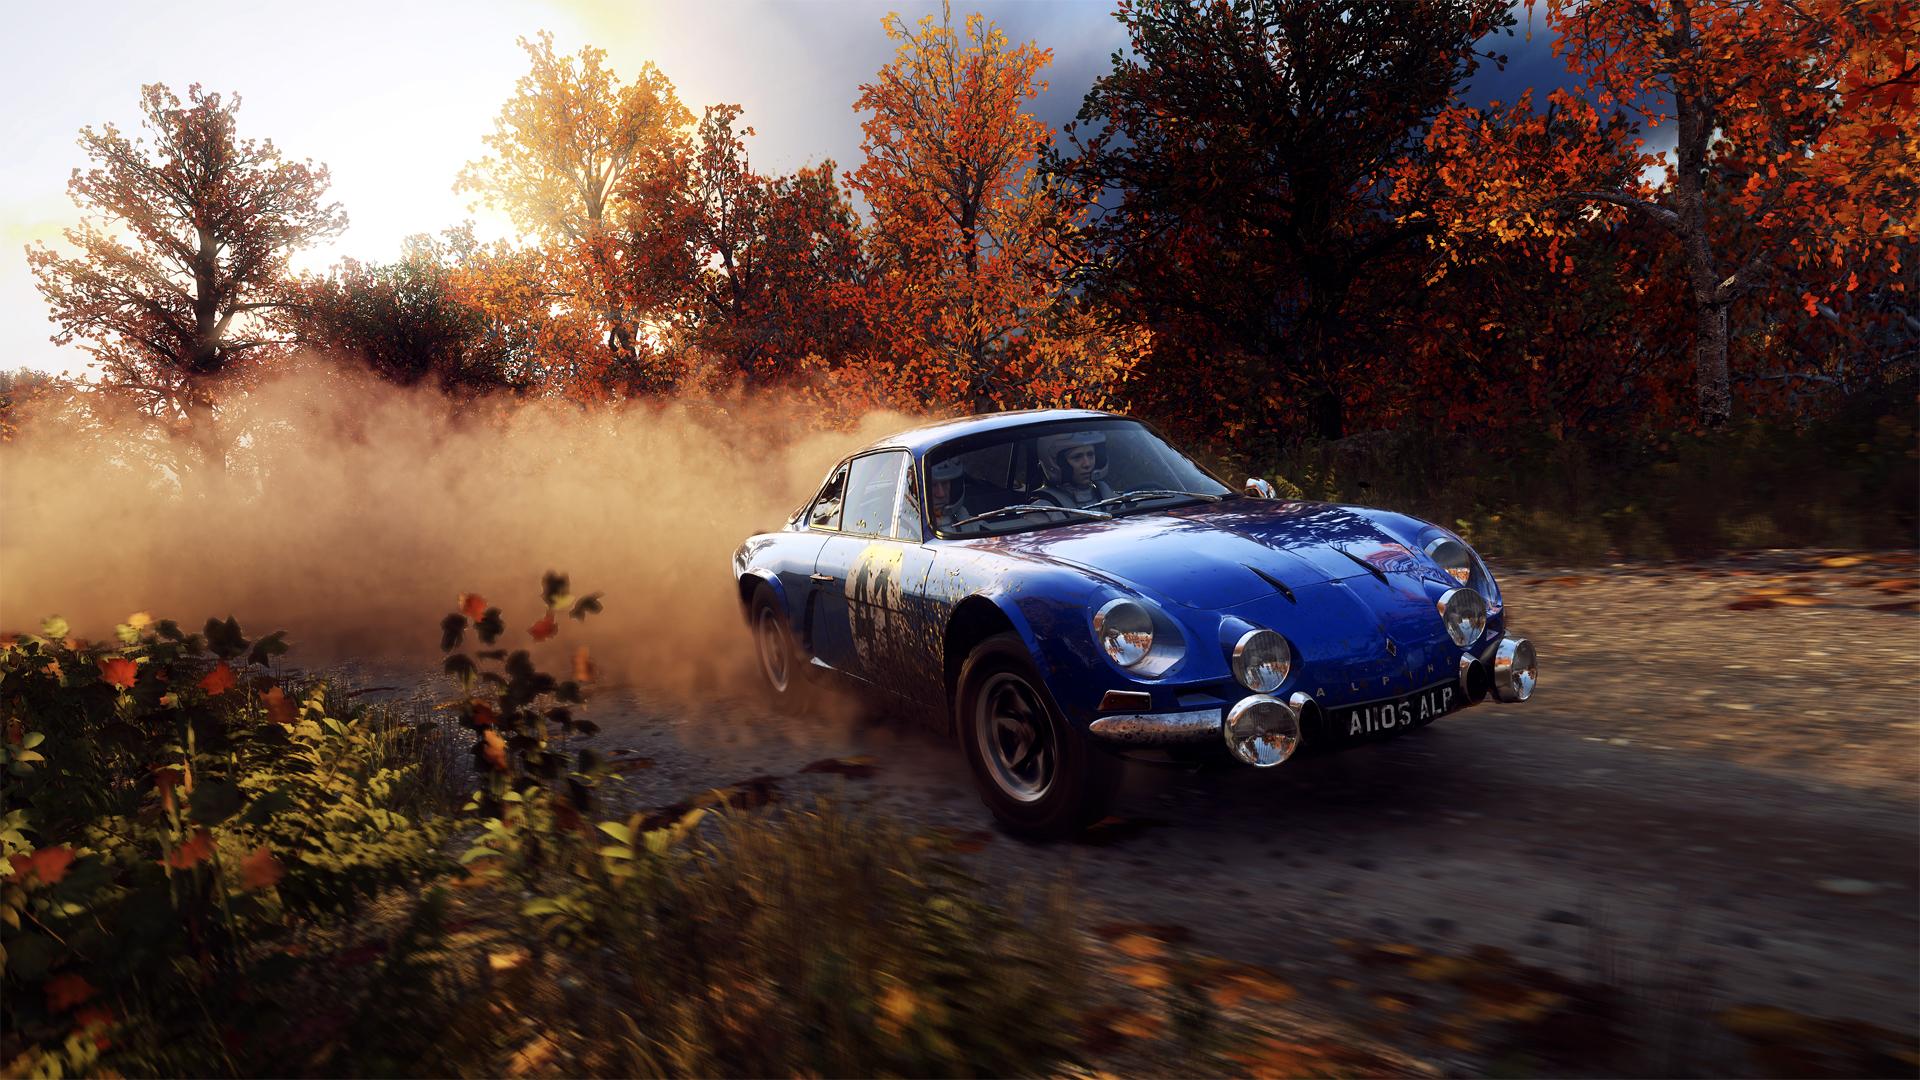 Le uniche auto francesi meritevoli di memoria eterna sono quelle da rally.